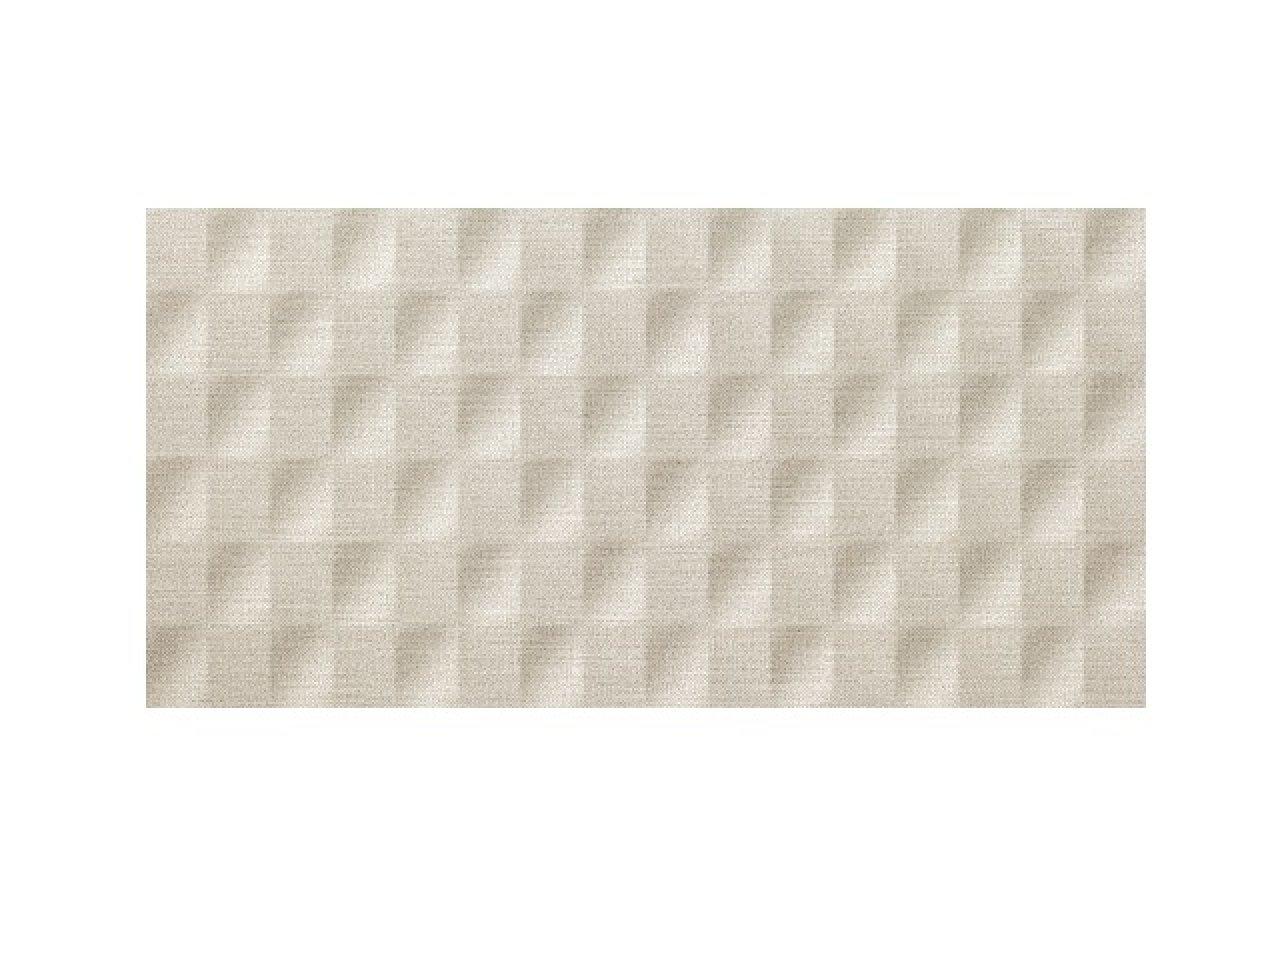 Настенная плитка Room 3D Mesh Cord 40x80